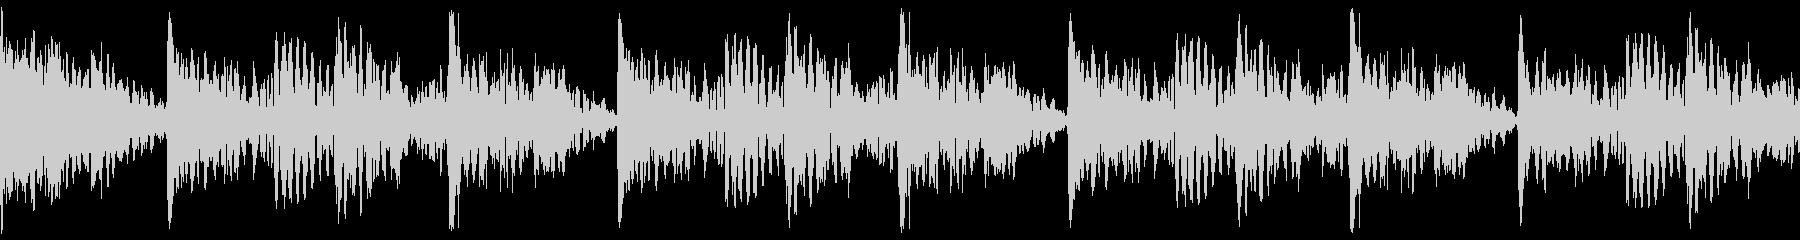 和楽器 民族楽器 太鼓 囃子 祭 リズムの未再生の波形